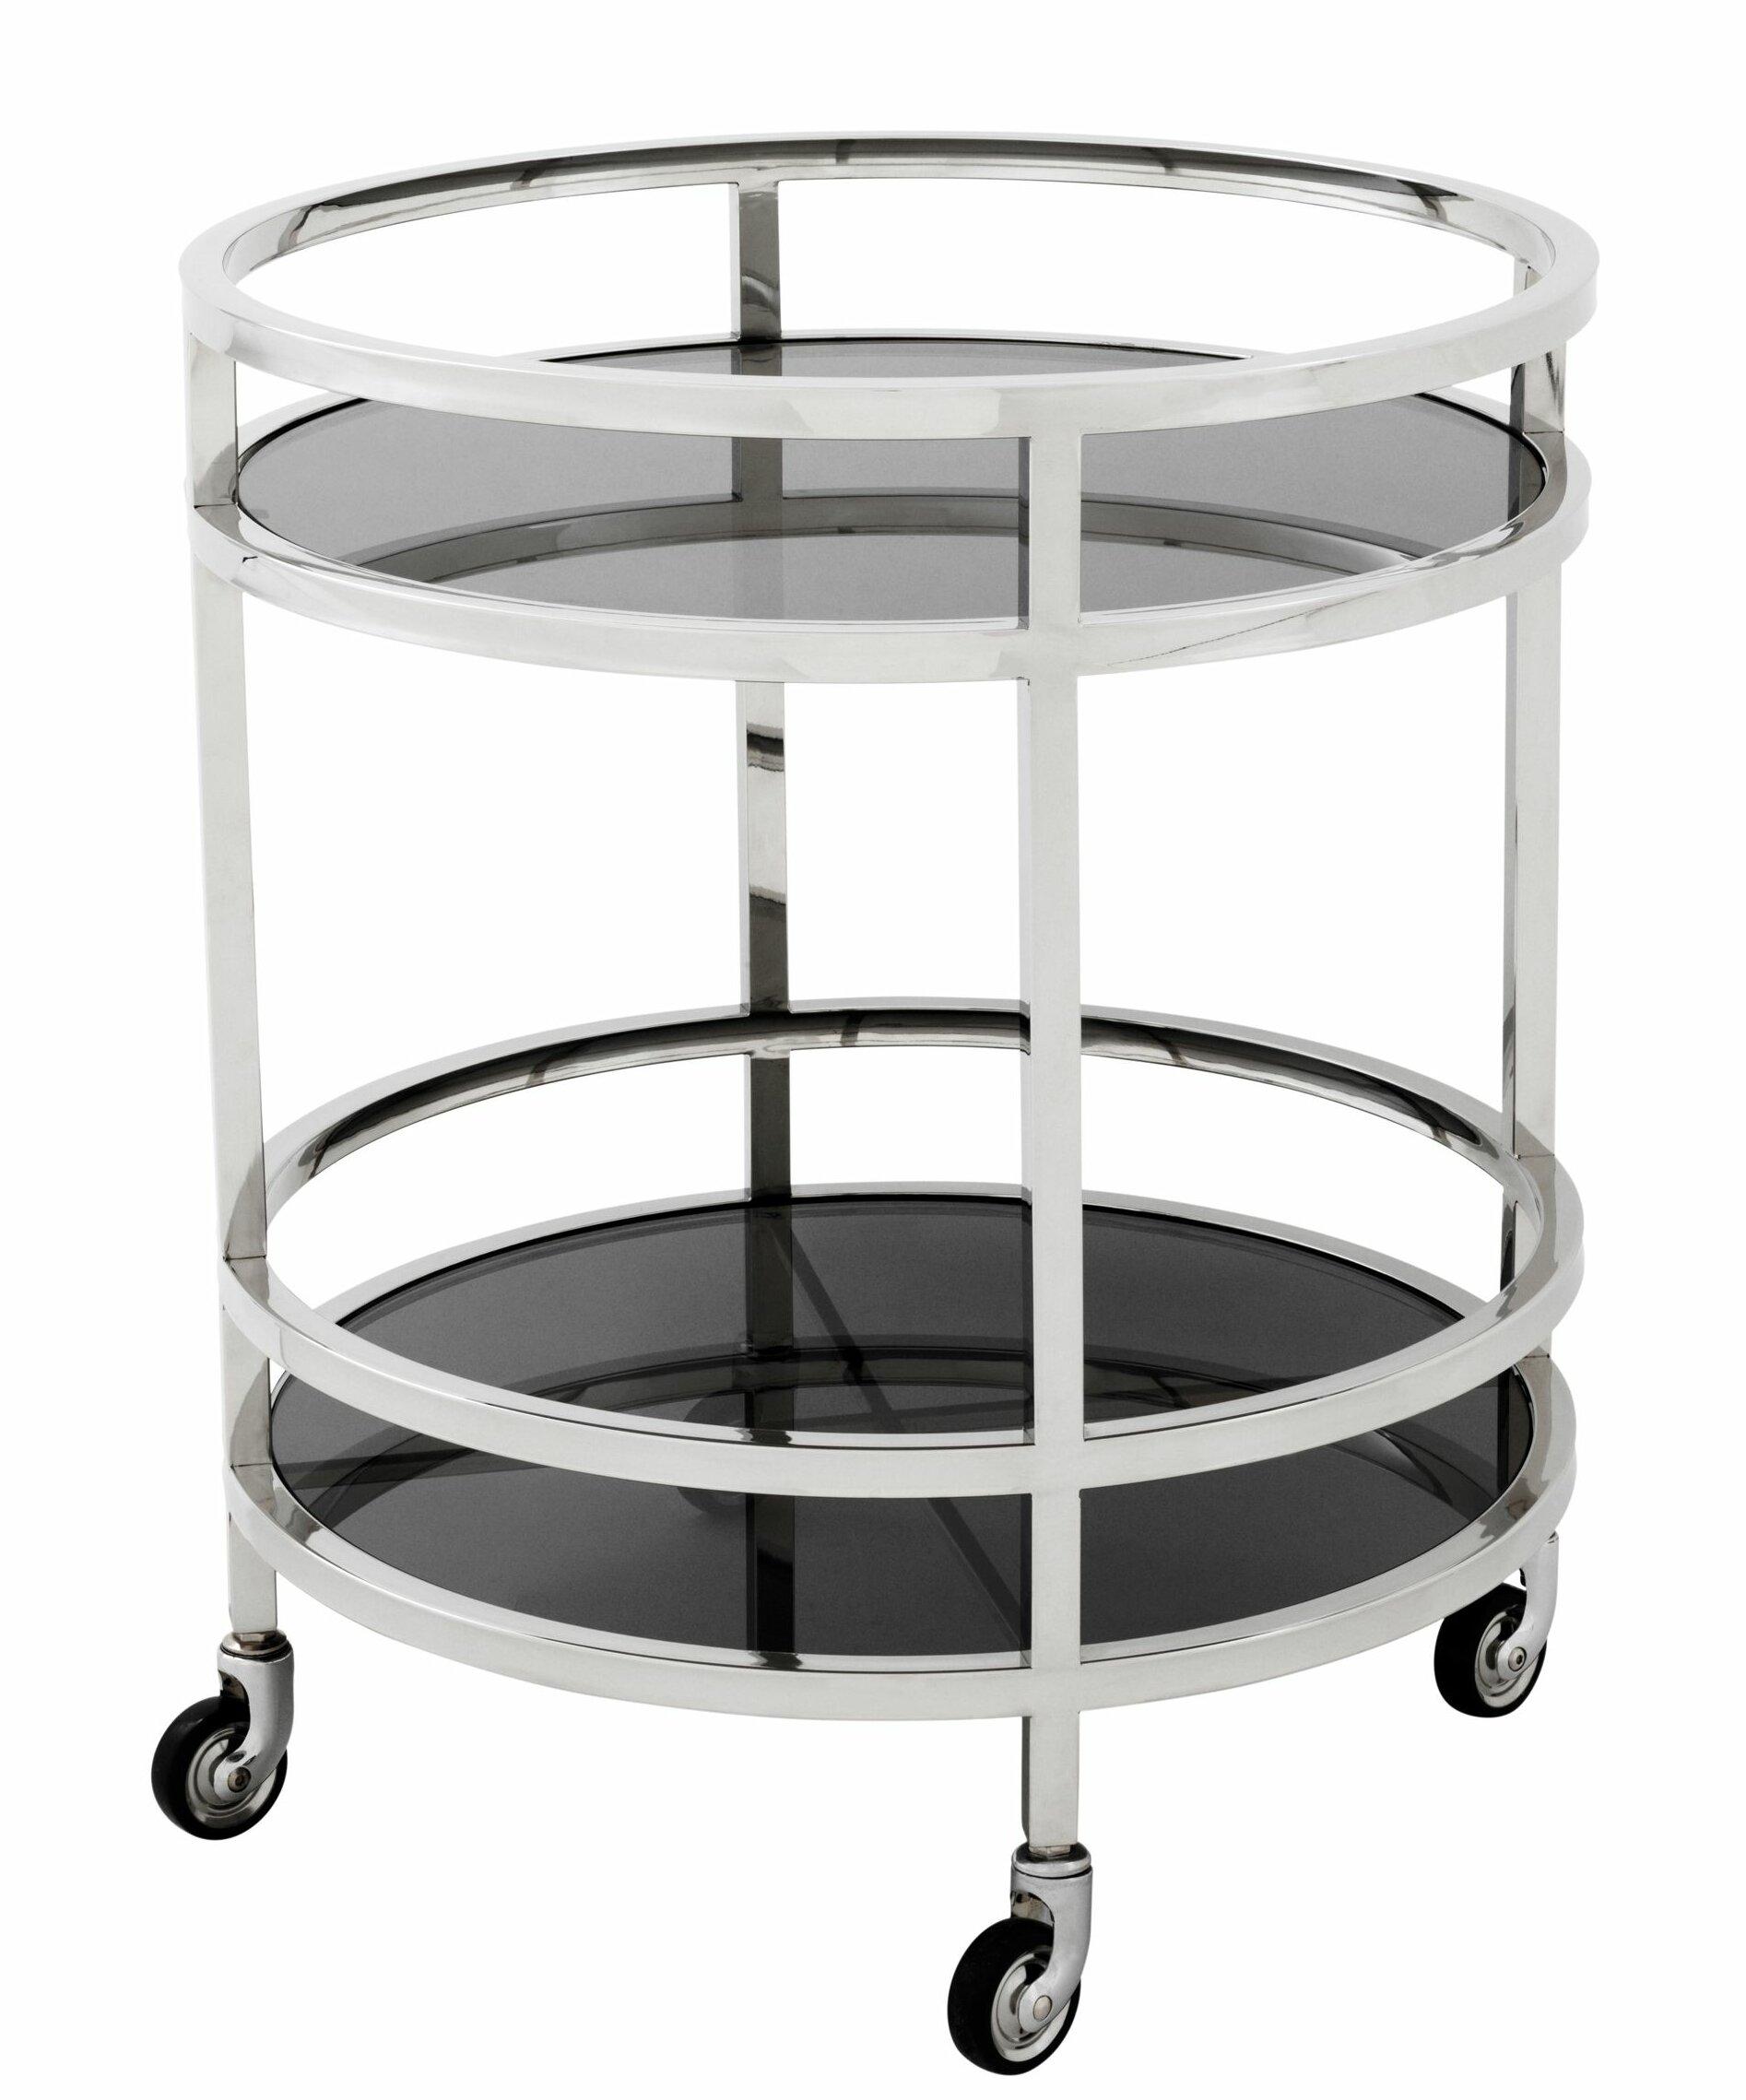 Eichholtz Round Bar Cart Wayfair